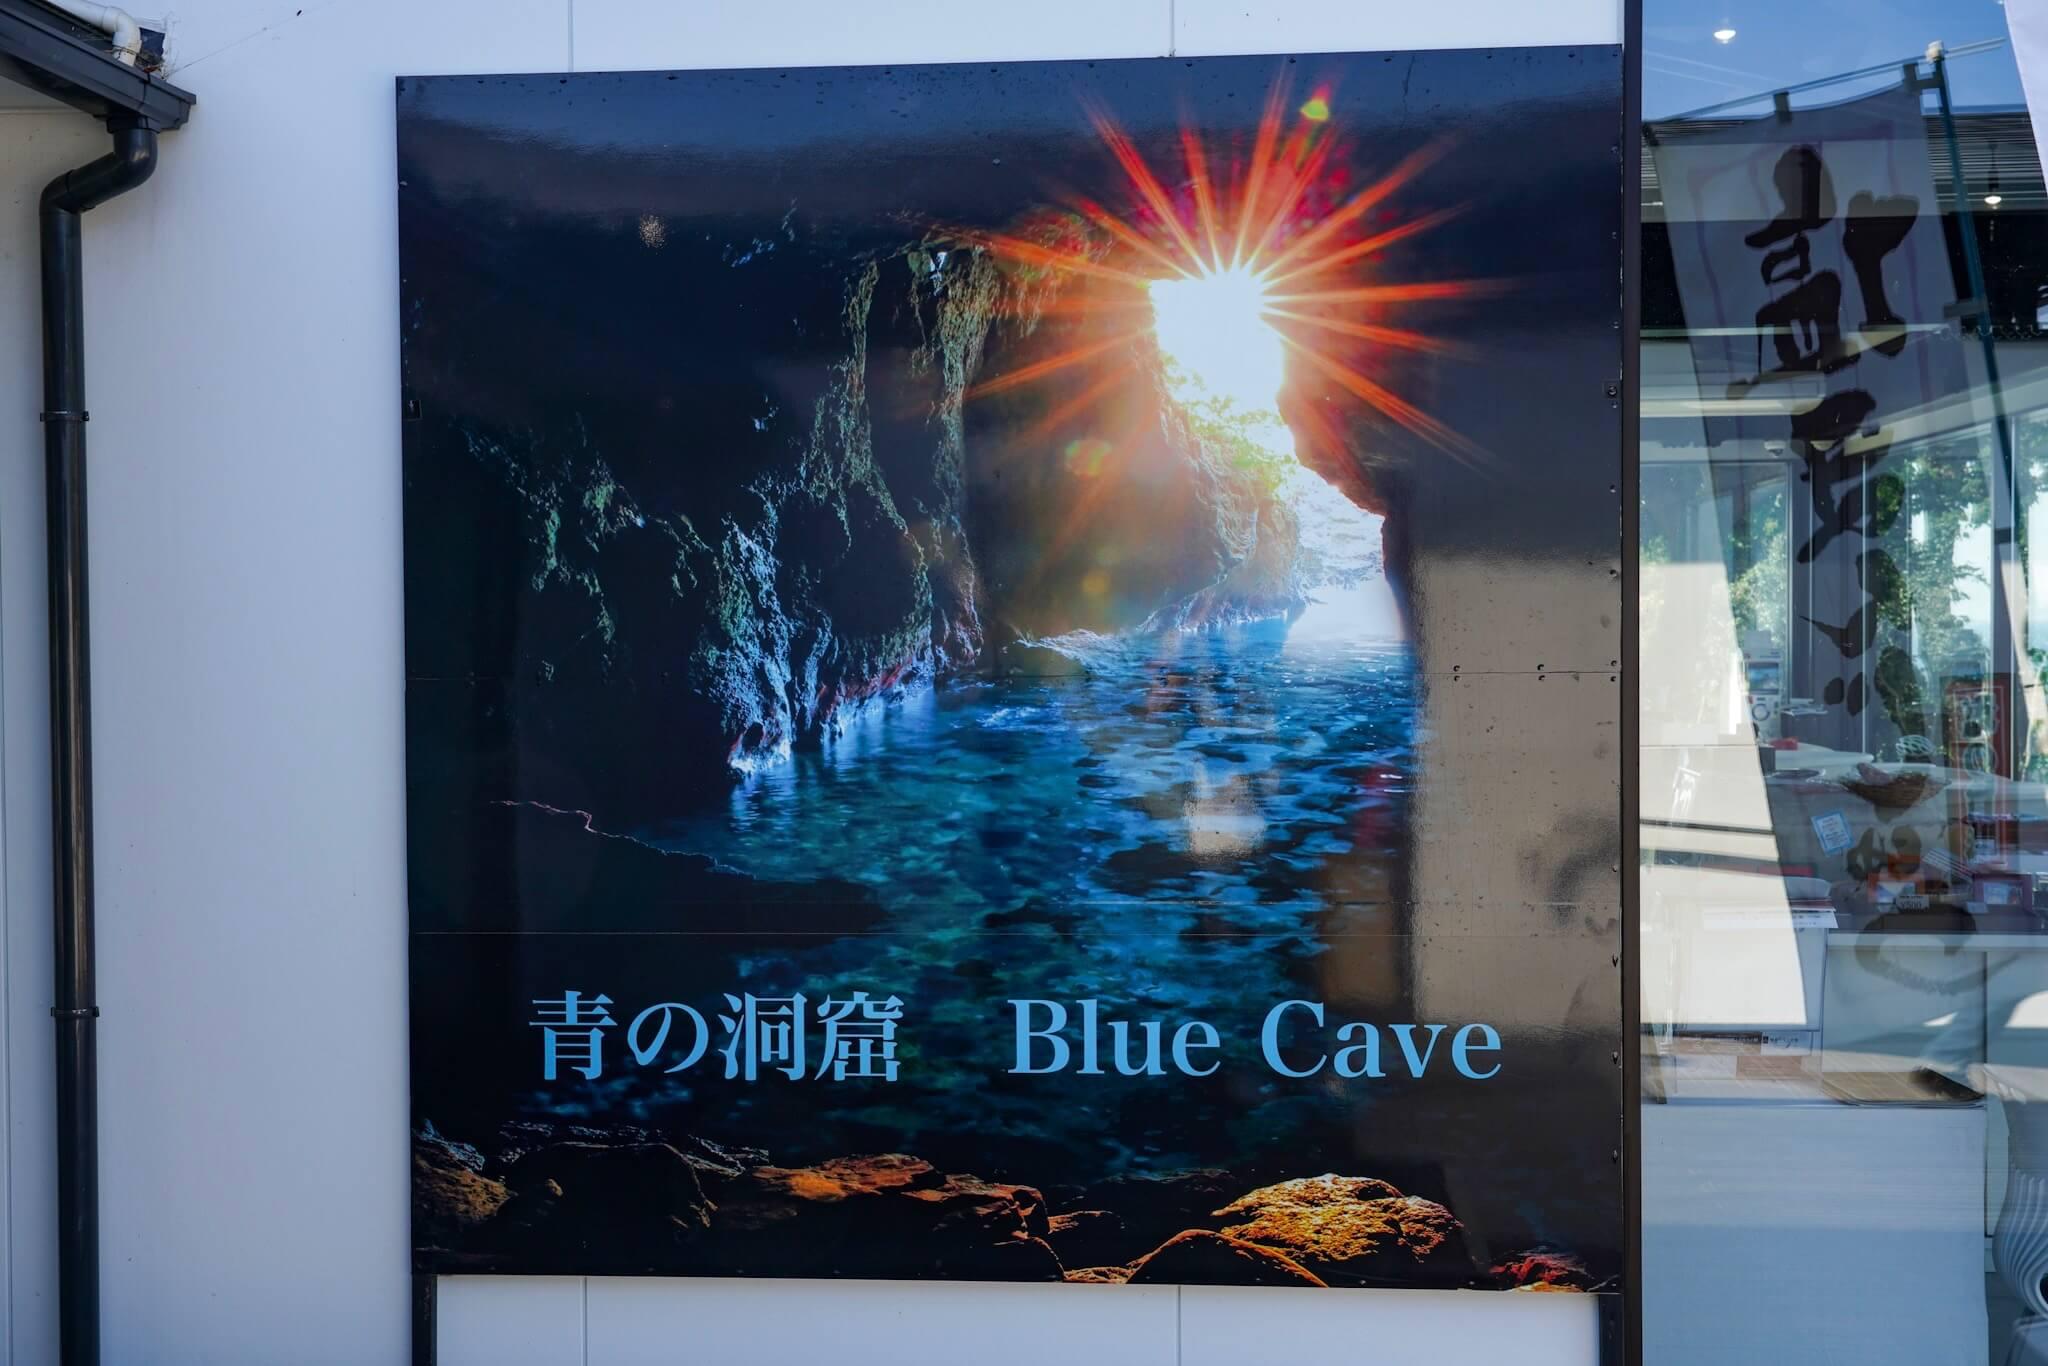 聖域の岬・青の洞窟 パワースポット「ポスター」